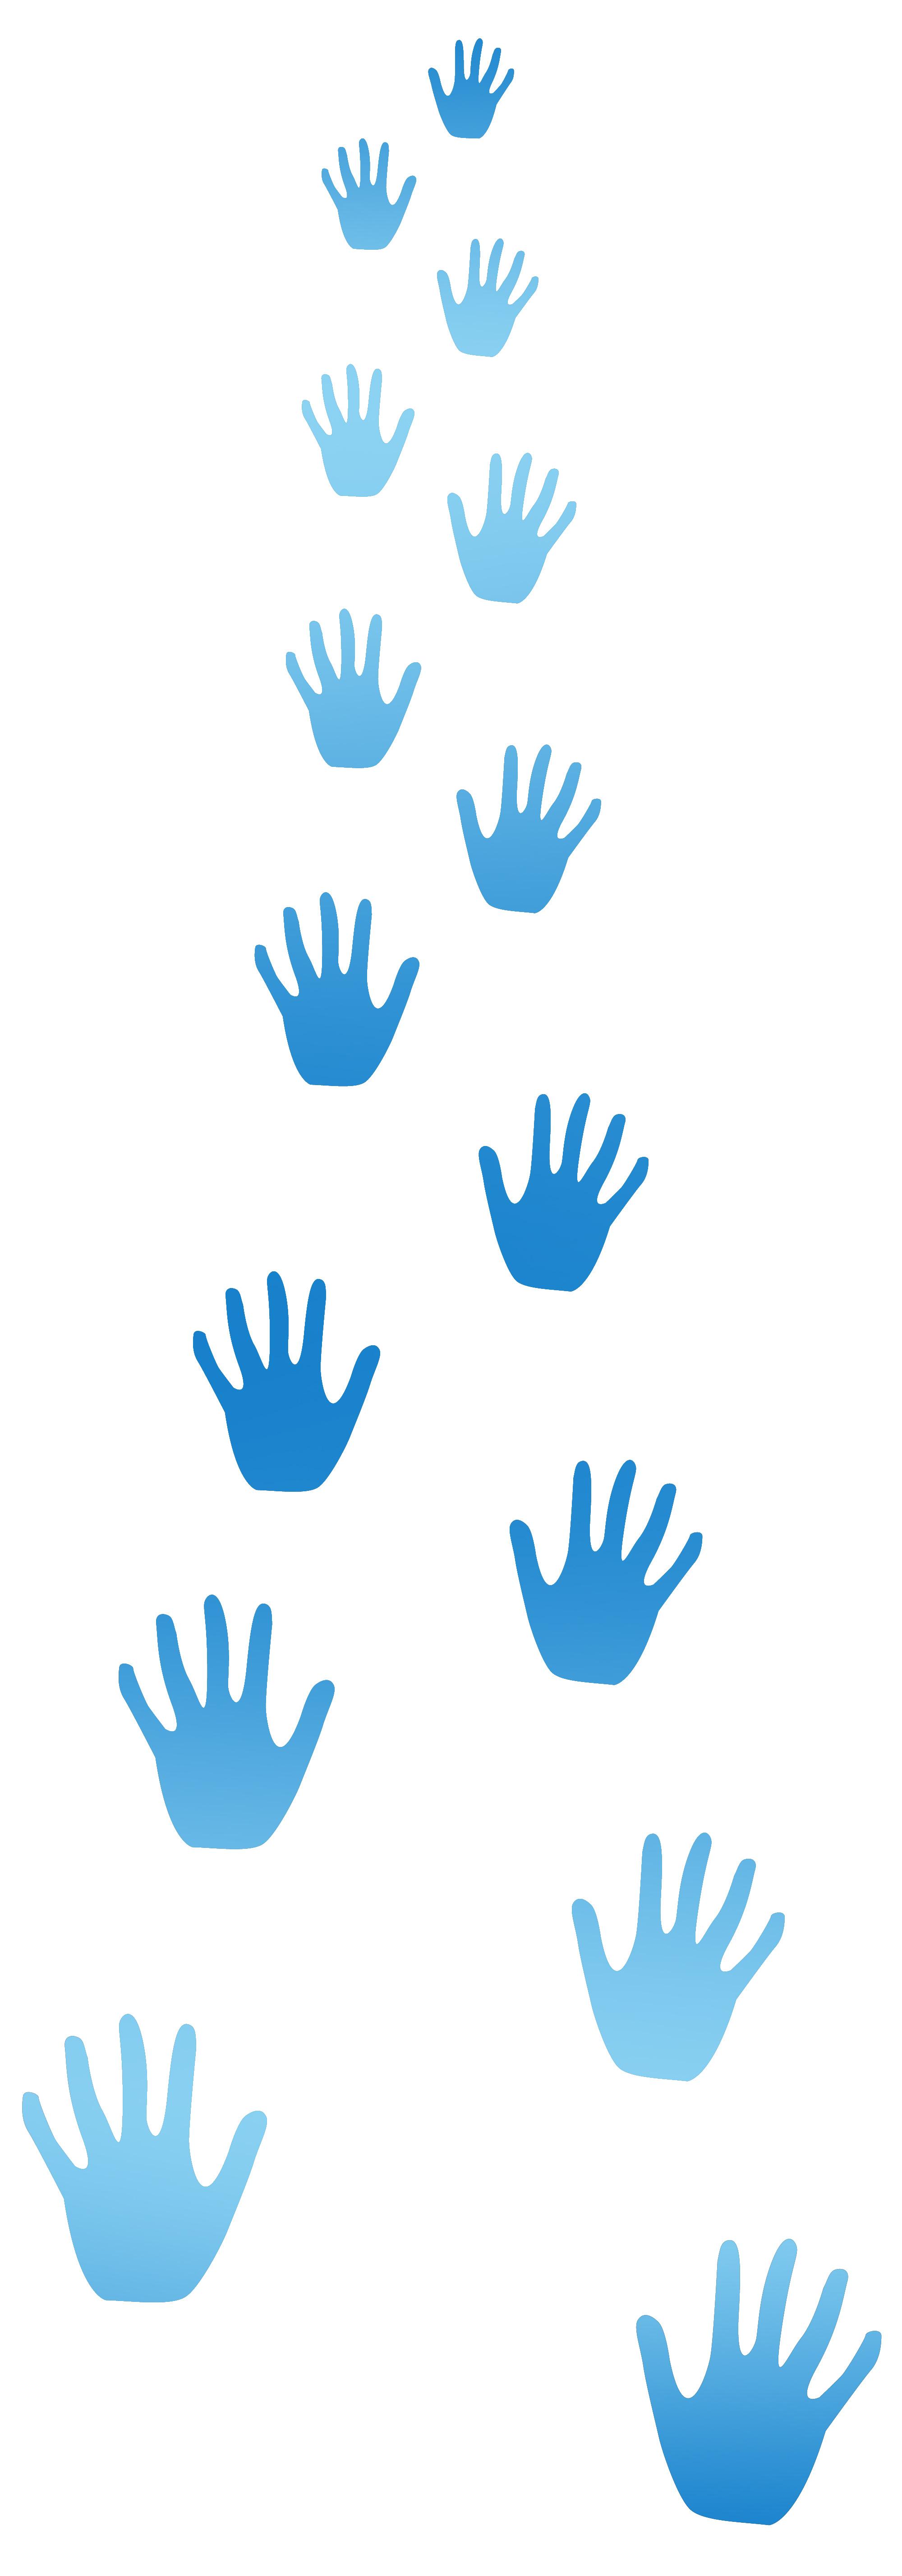 hands walking2